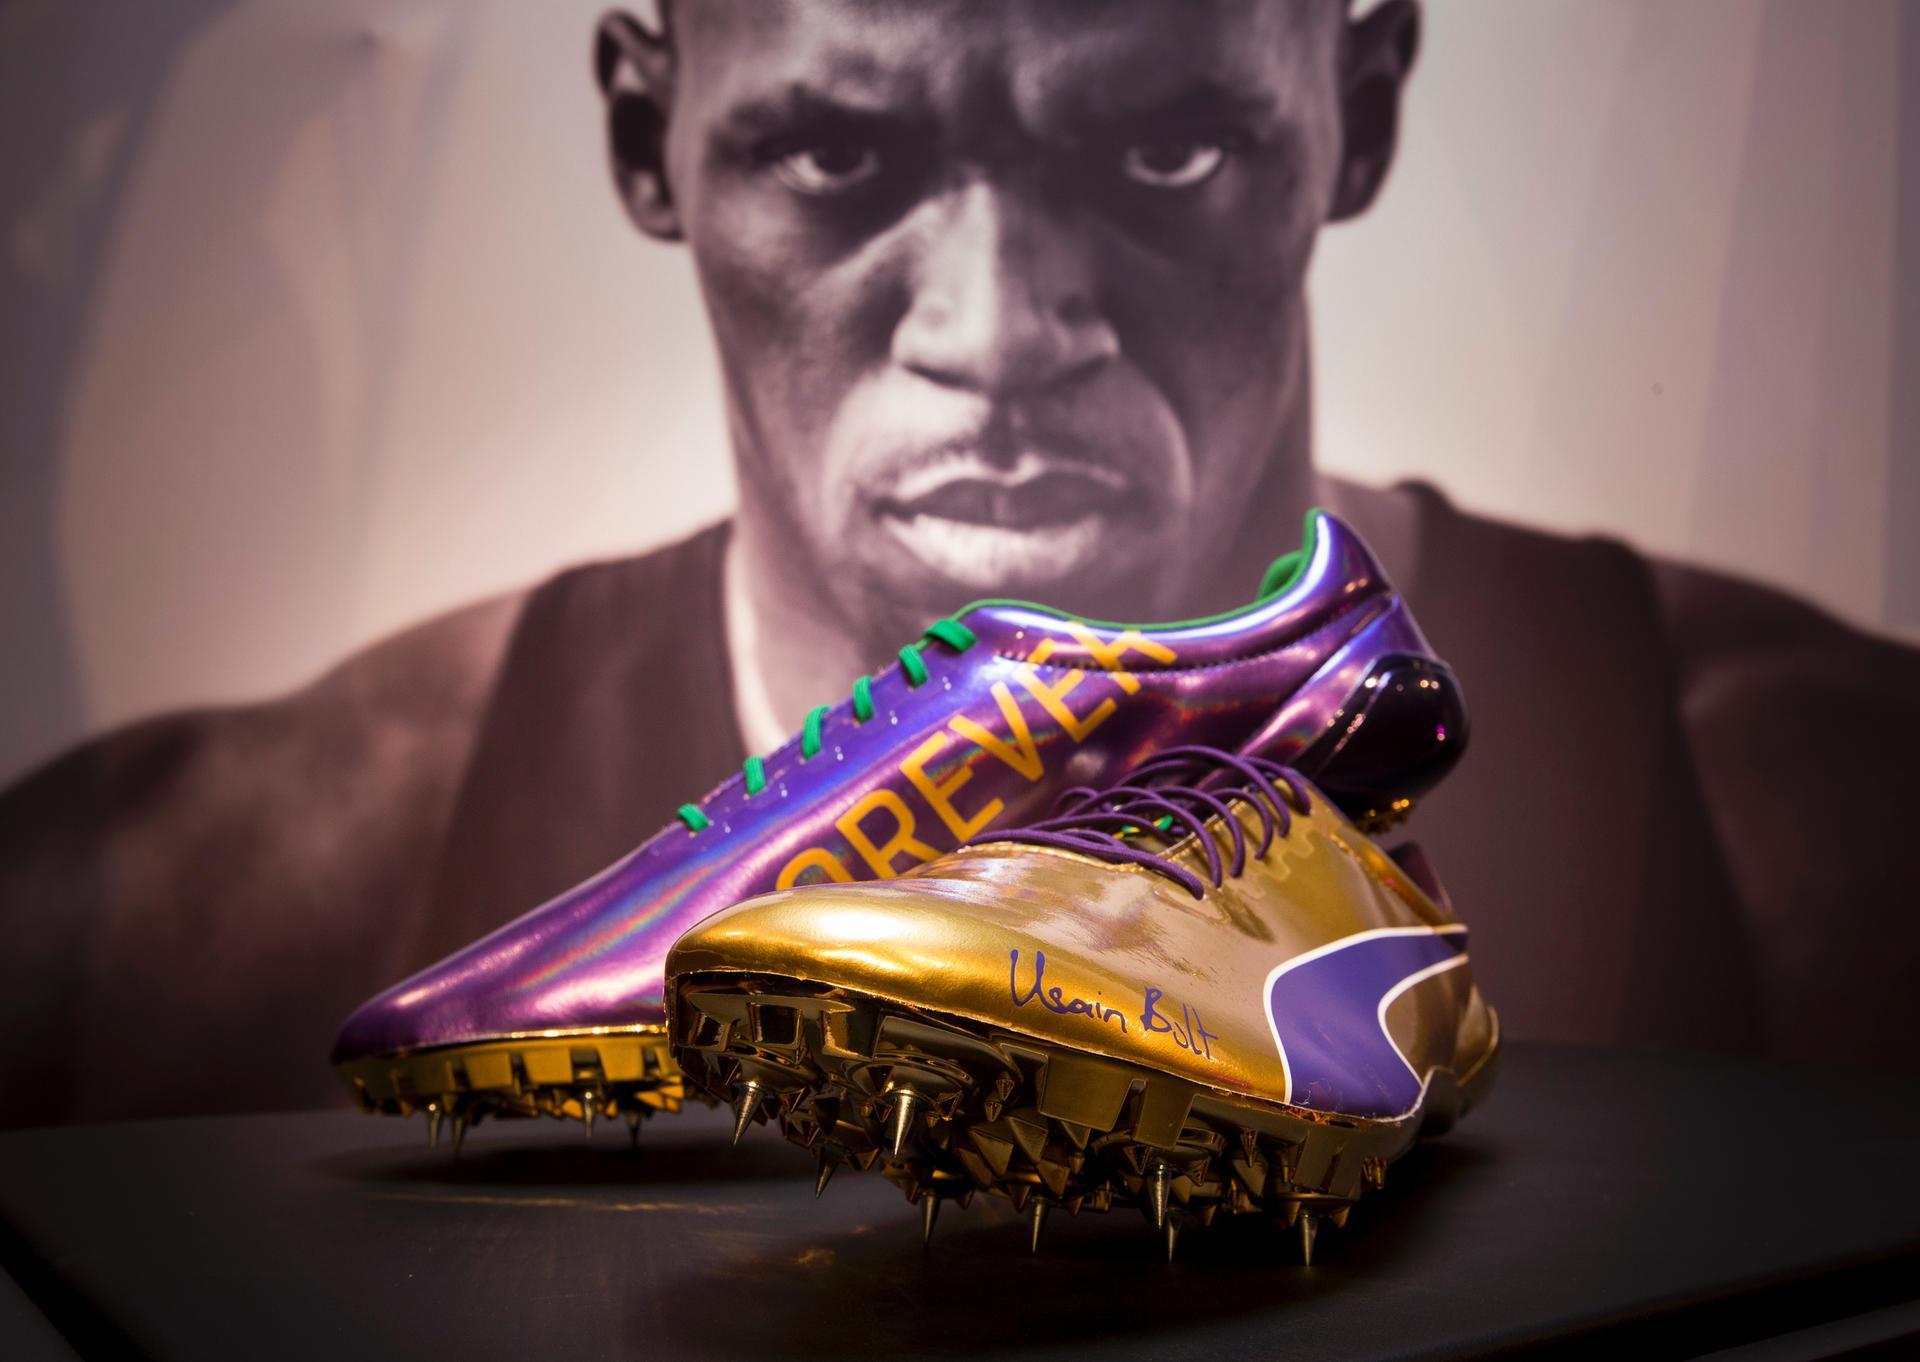 Mit Schuhen diesen laufen Usain Bolt Stars Running wie qSVUMpz